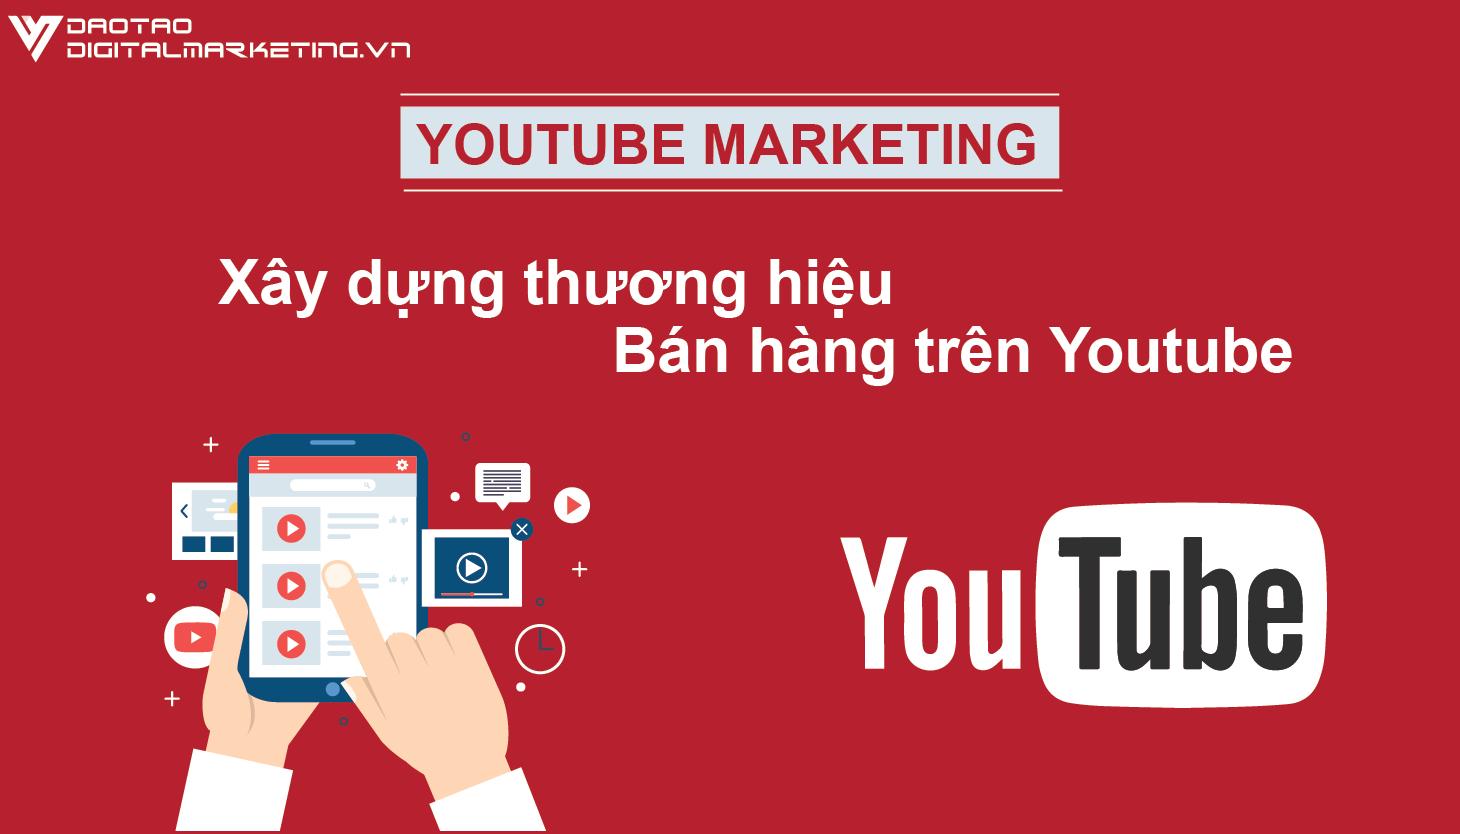 khoa-hoc-youtube-marketing-dao-tao-digital-marketing